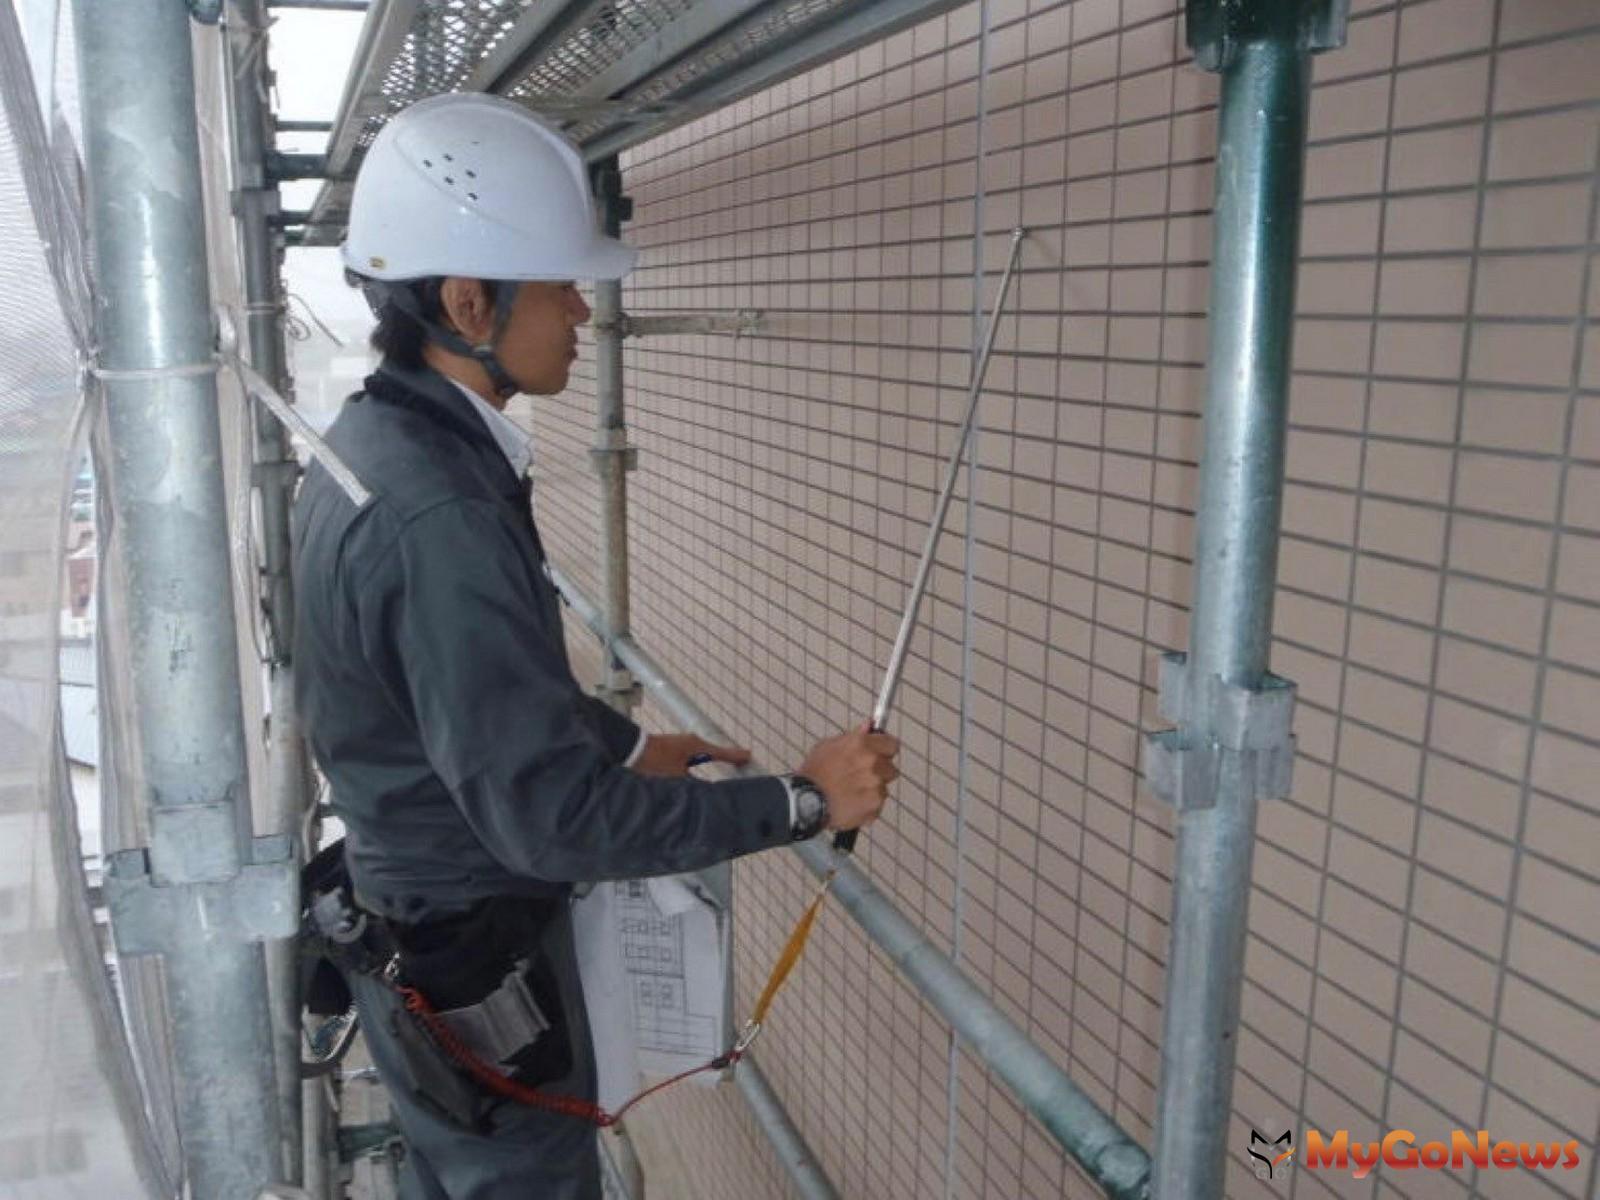 台北市外牆檢查診斷延長宣導期 私有建物預計自2022年下半年起分類申報 MyGoNews房地產新聞 區域情報